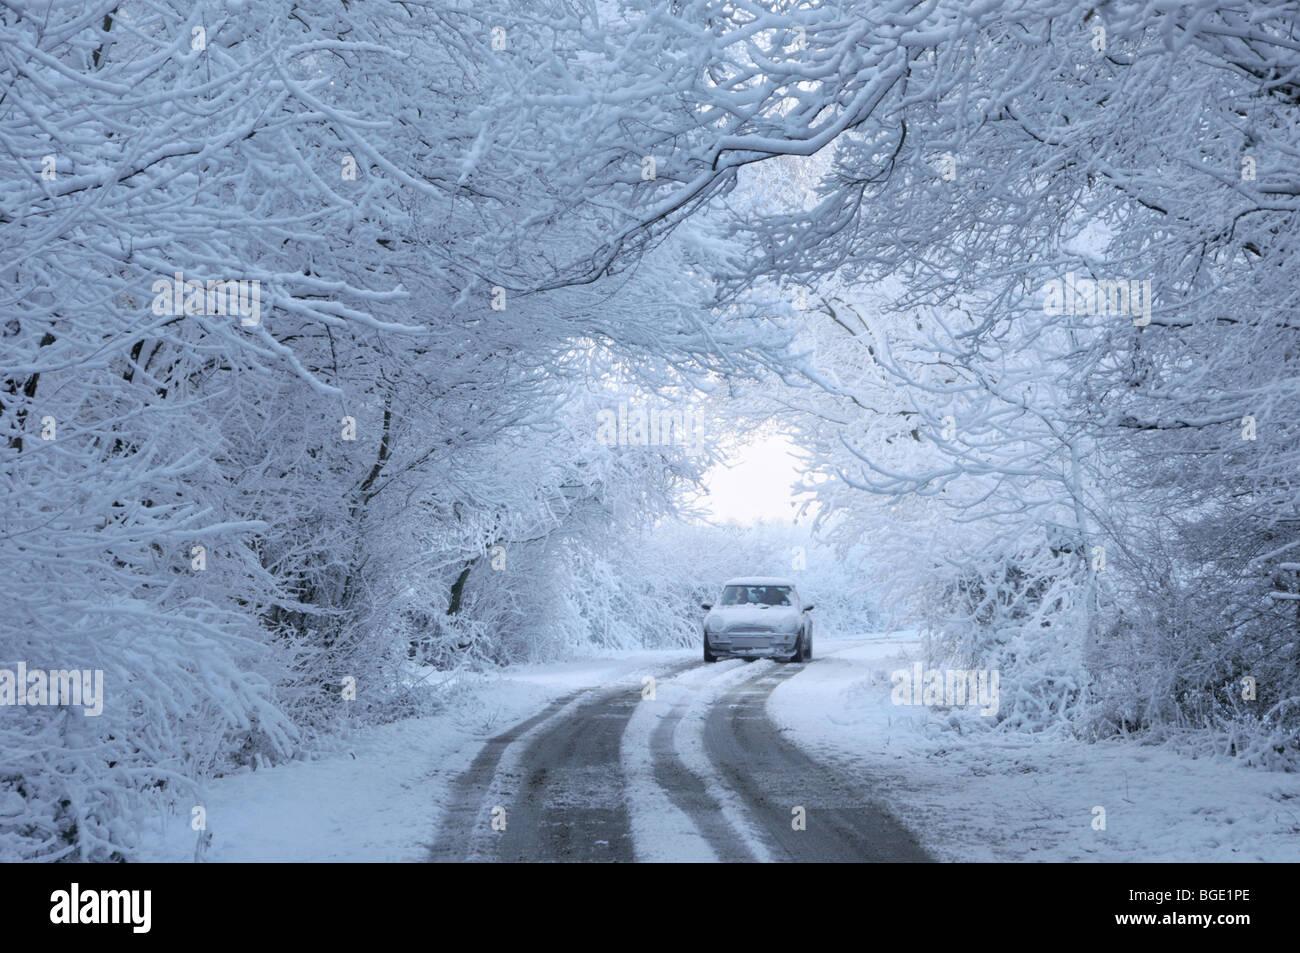 Location de voiture sur la neige a couvert country lane Banque D'Images